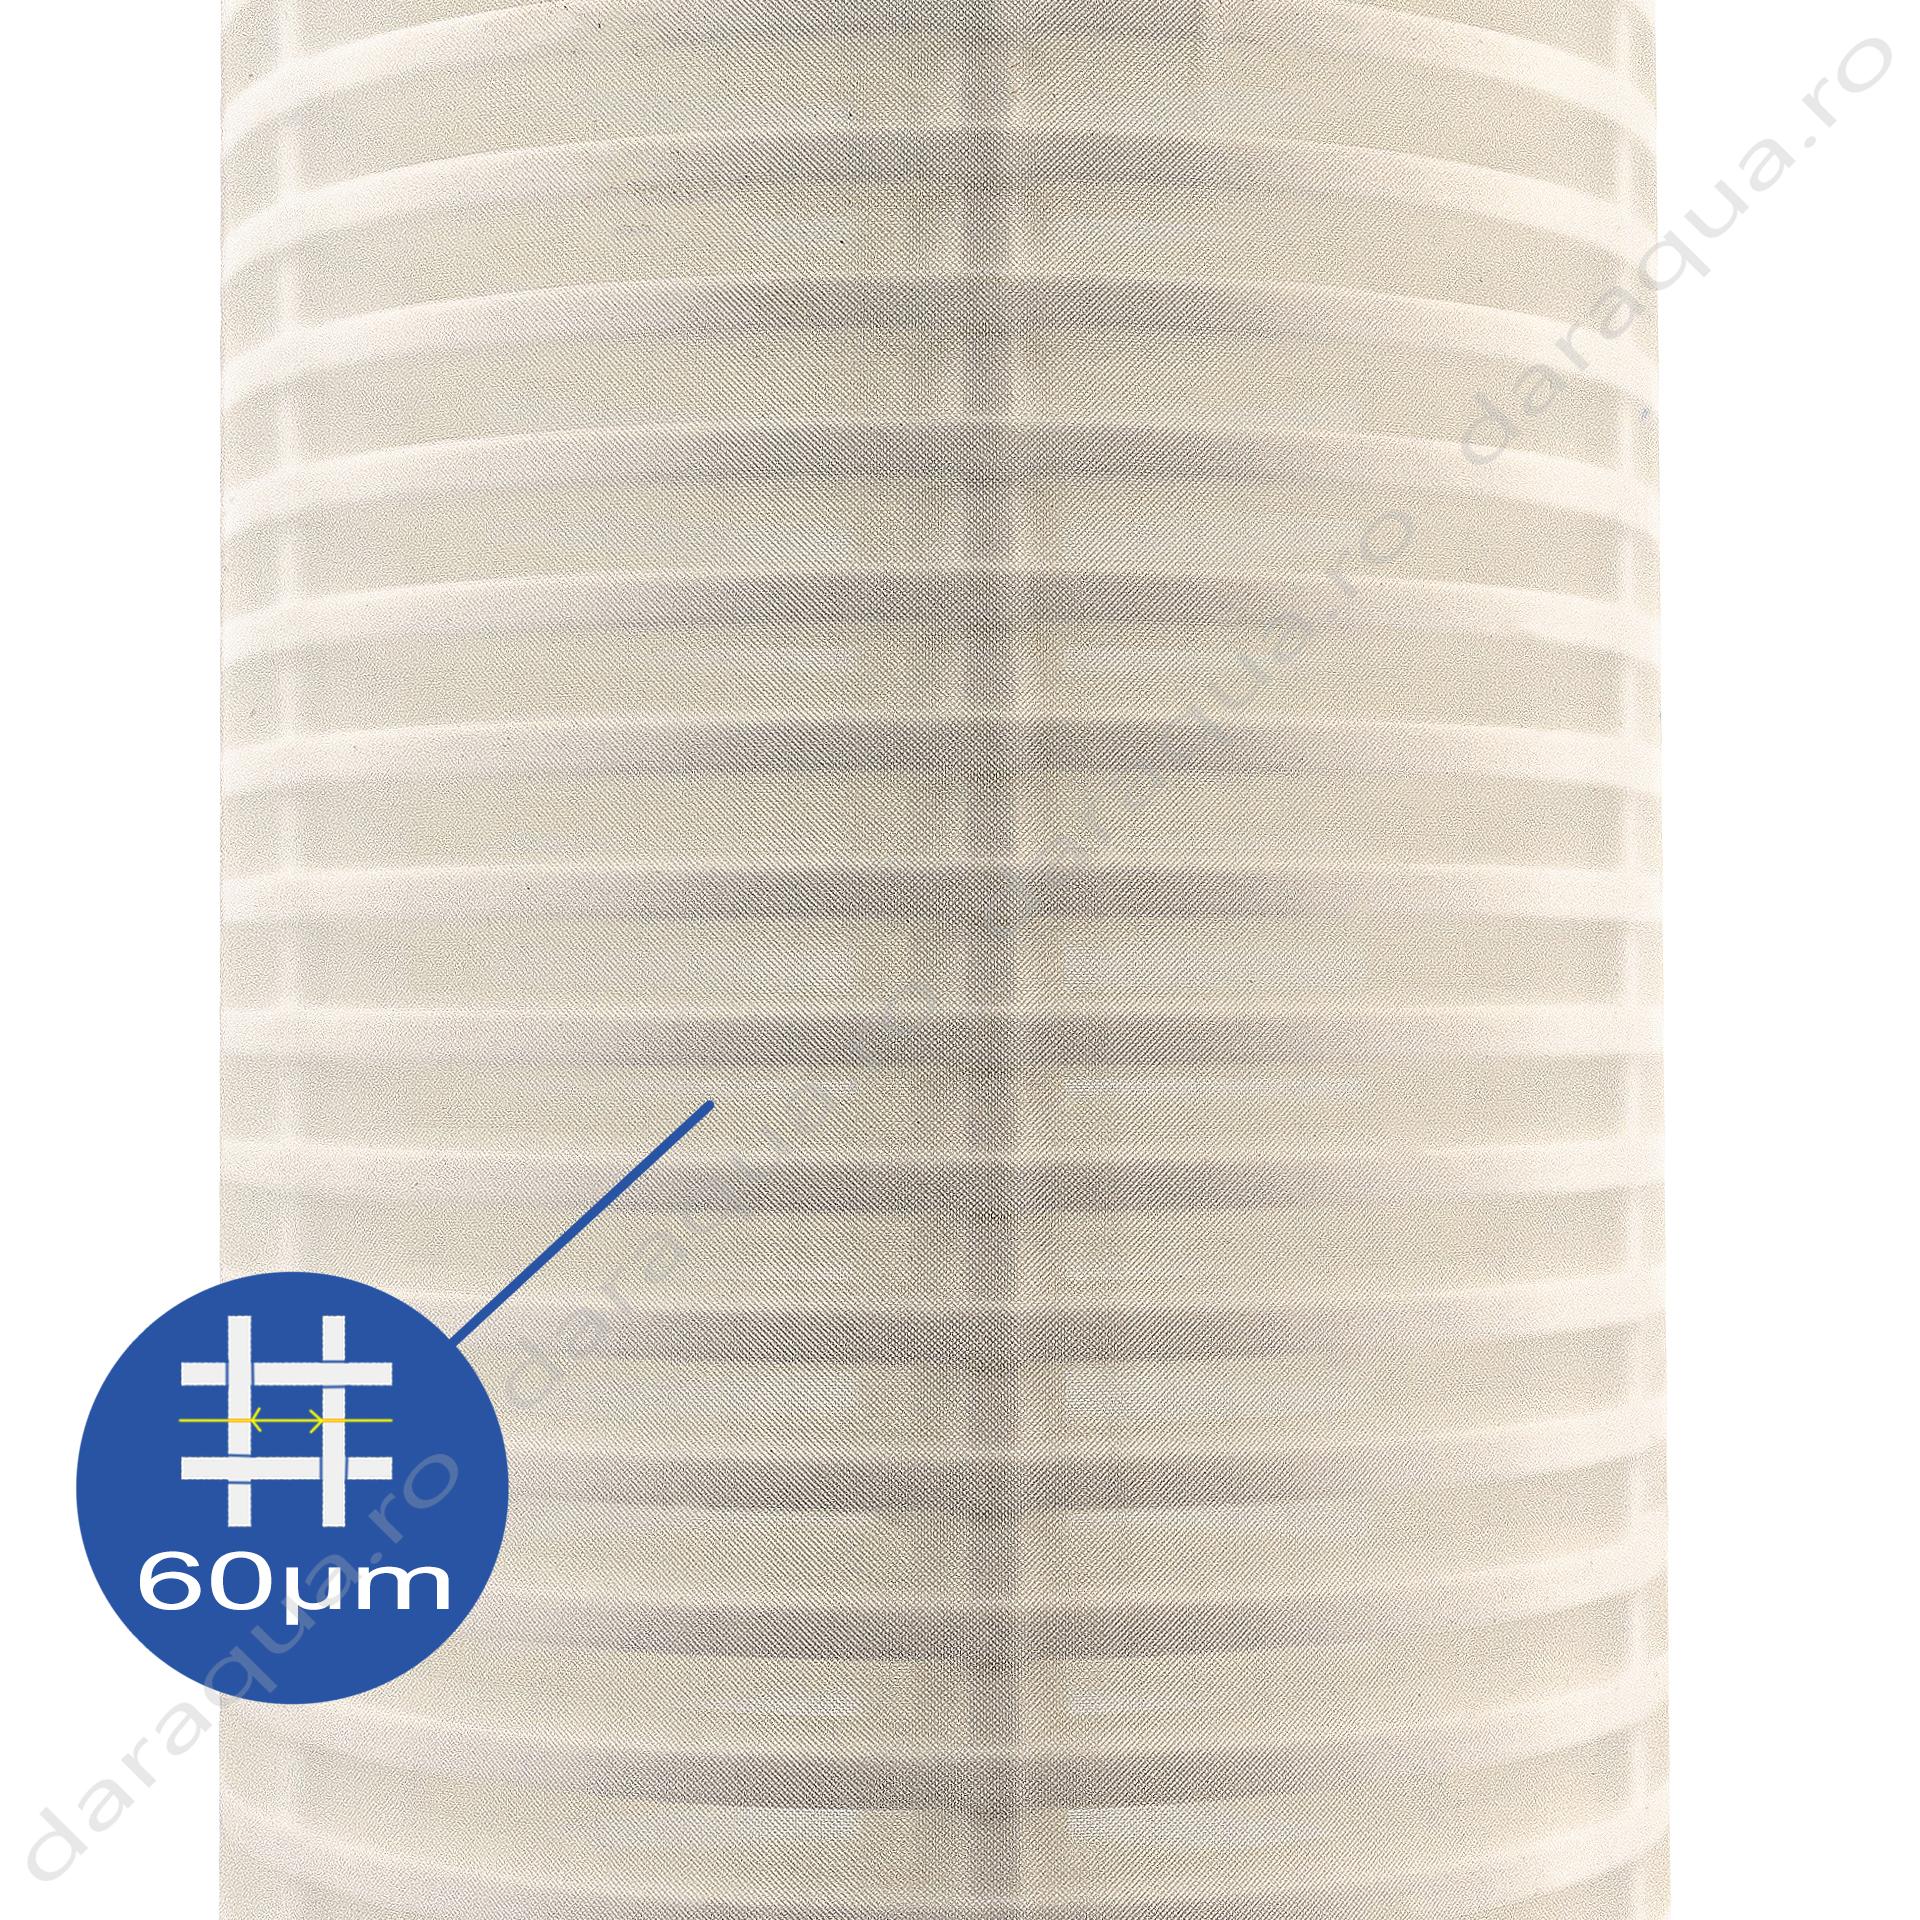 Sita 60 microni - AP500